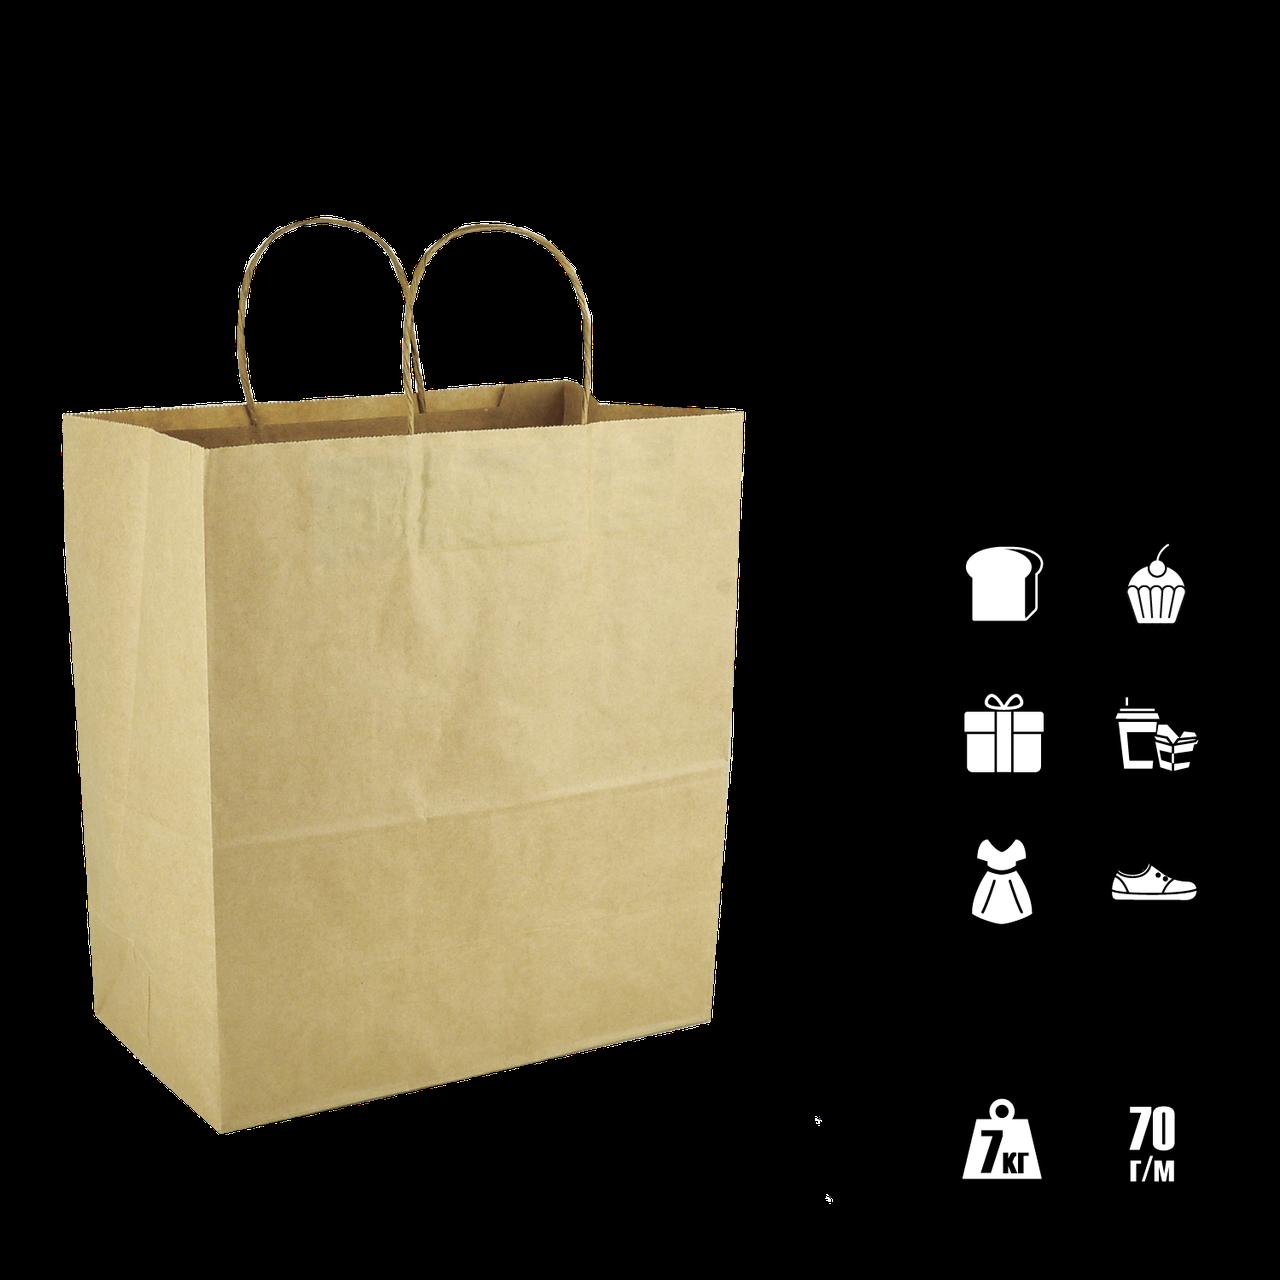 Бумажный Пакет Крафт с ручкой 305*145*350мм (Ш.Г.В) Пл 70г Нагр 7кг (688)